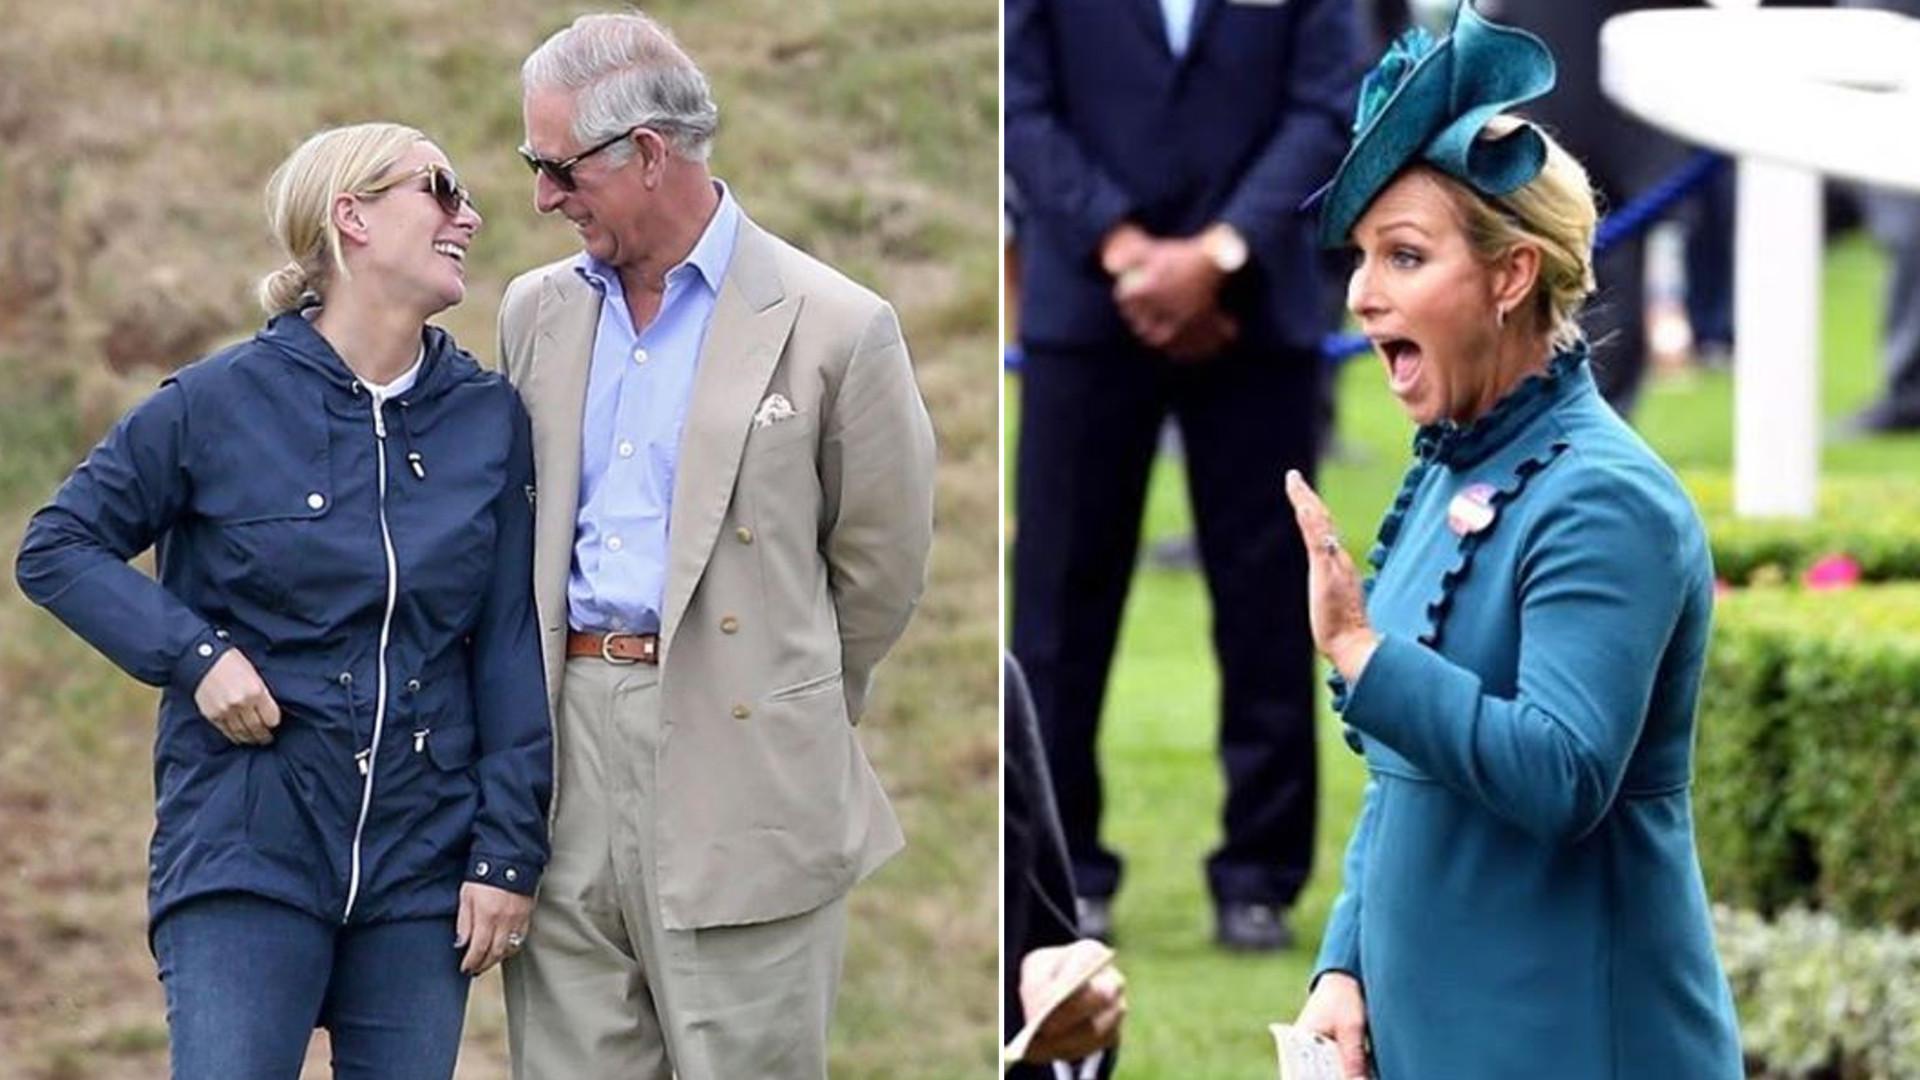 Skandal na królewskim dworze! Wnuczka królowej Elżbiety dostała zakaz prowadzenia pojazdów